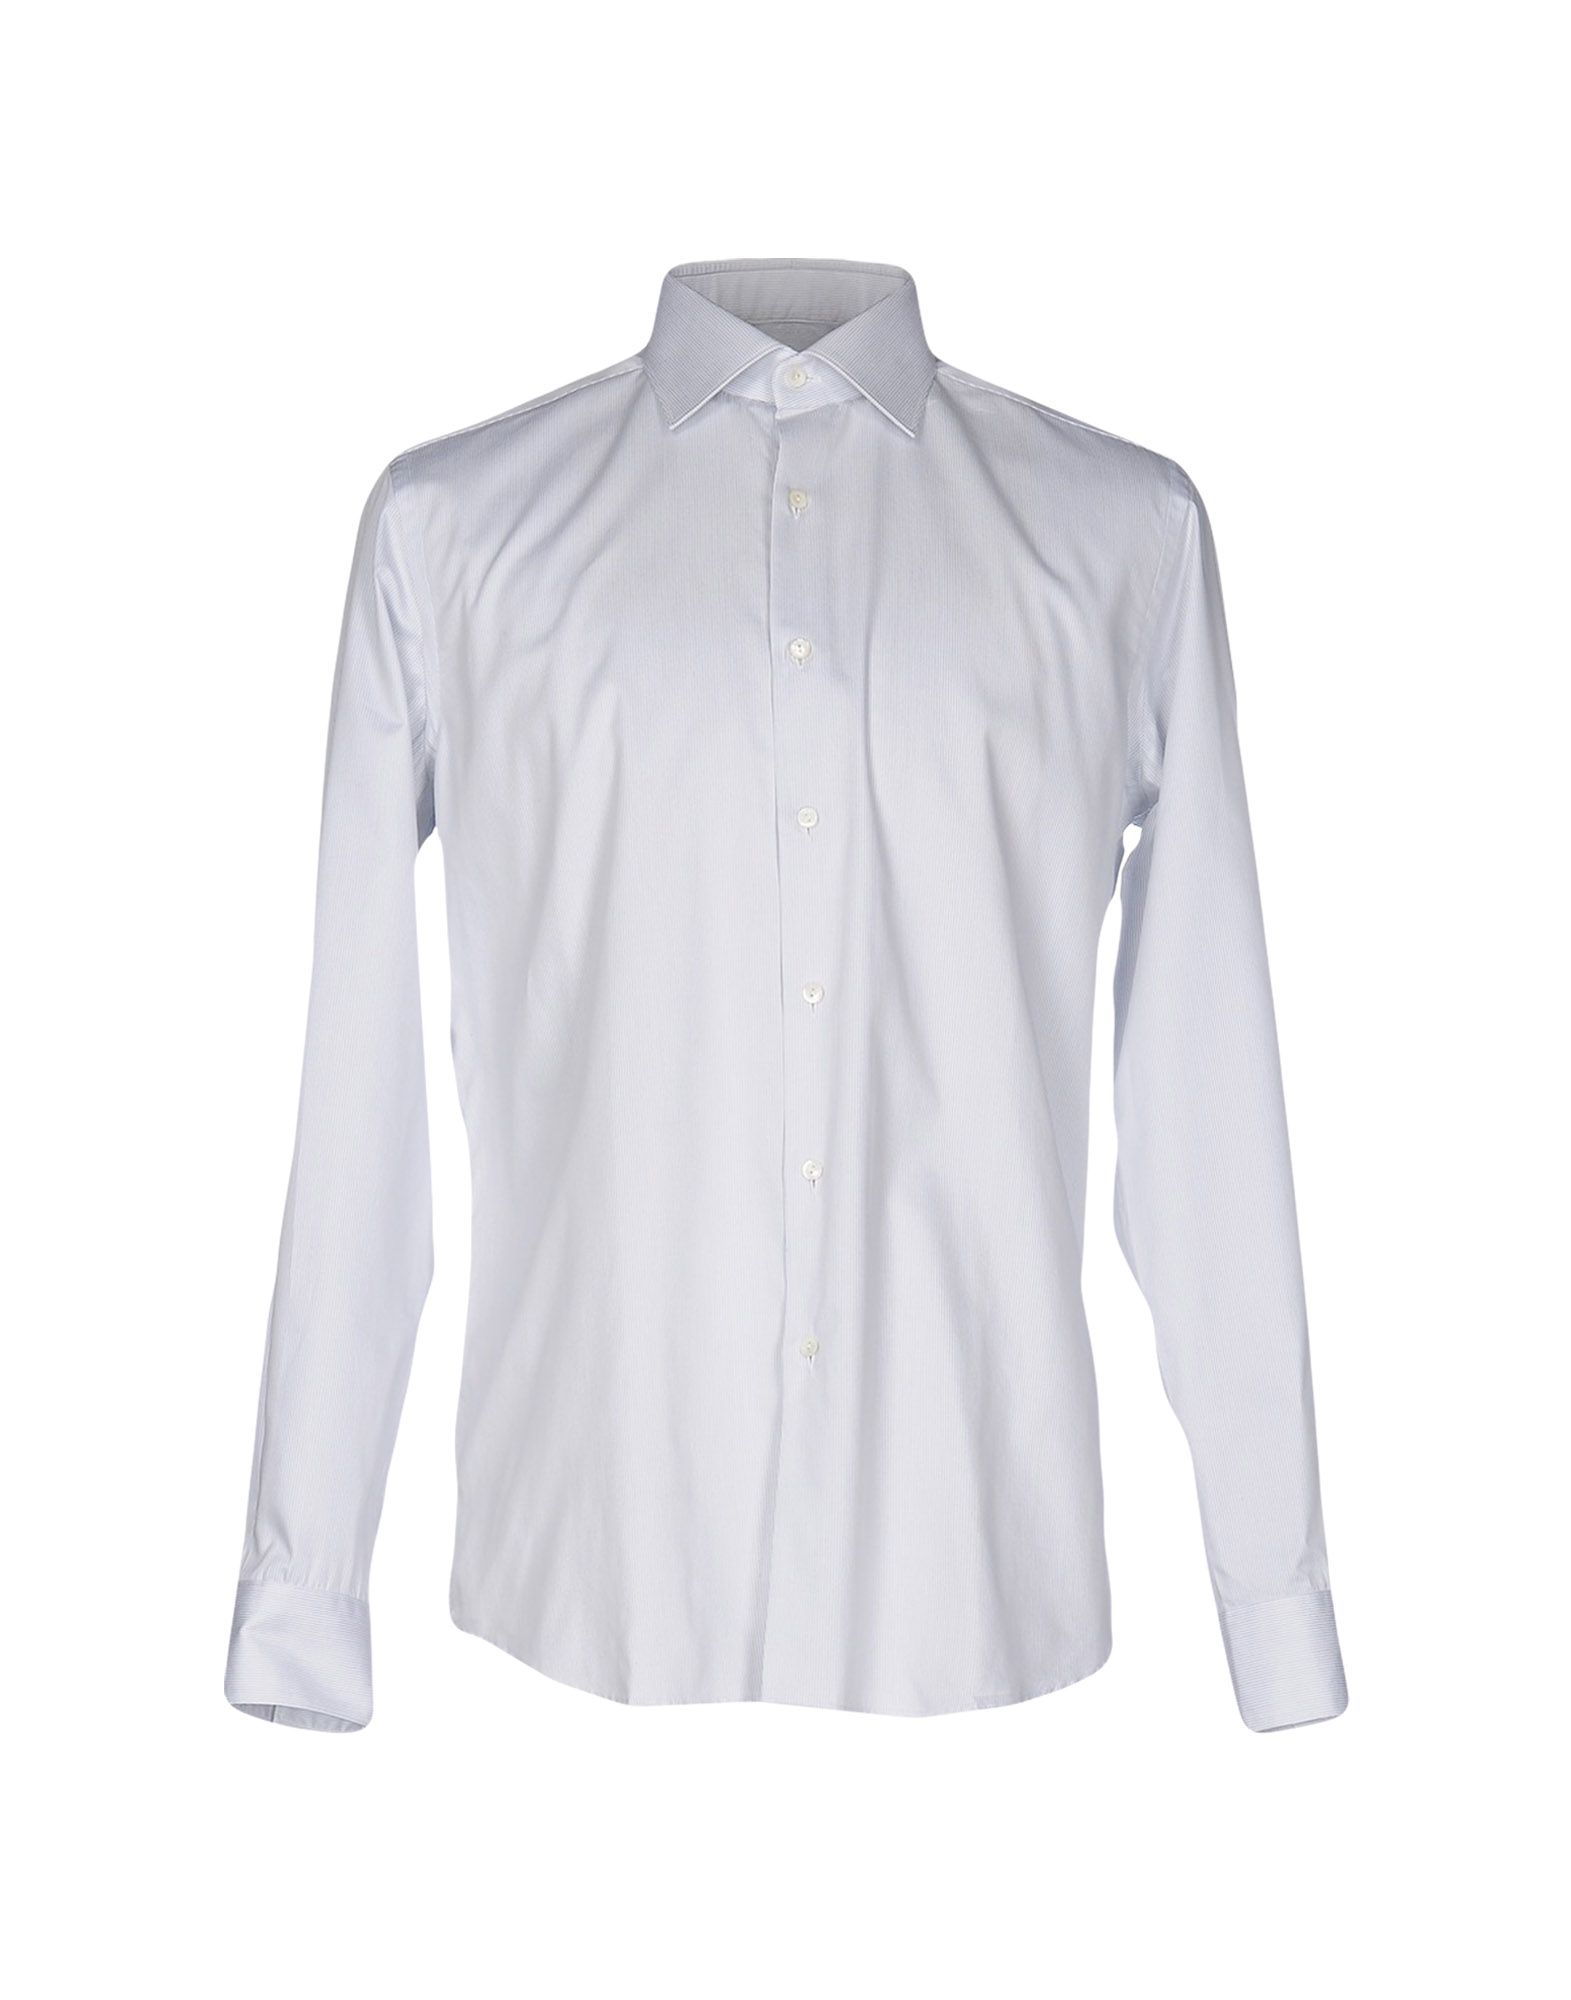 《送料無料》XACUS メンズ シャツ ライトグレー 44 コットン 100%